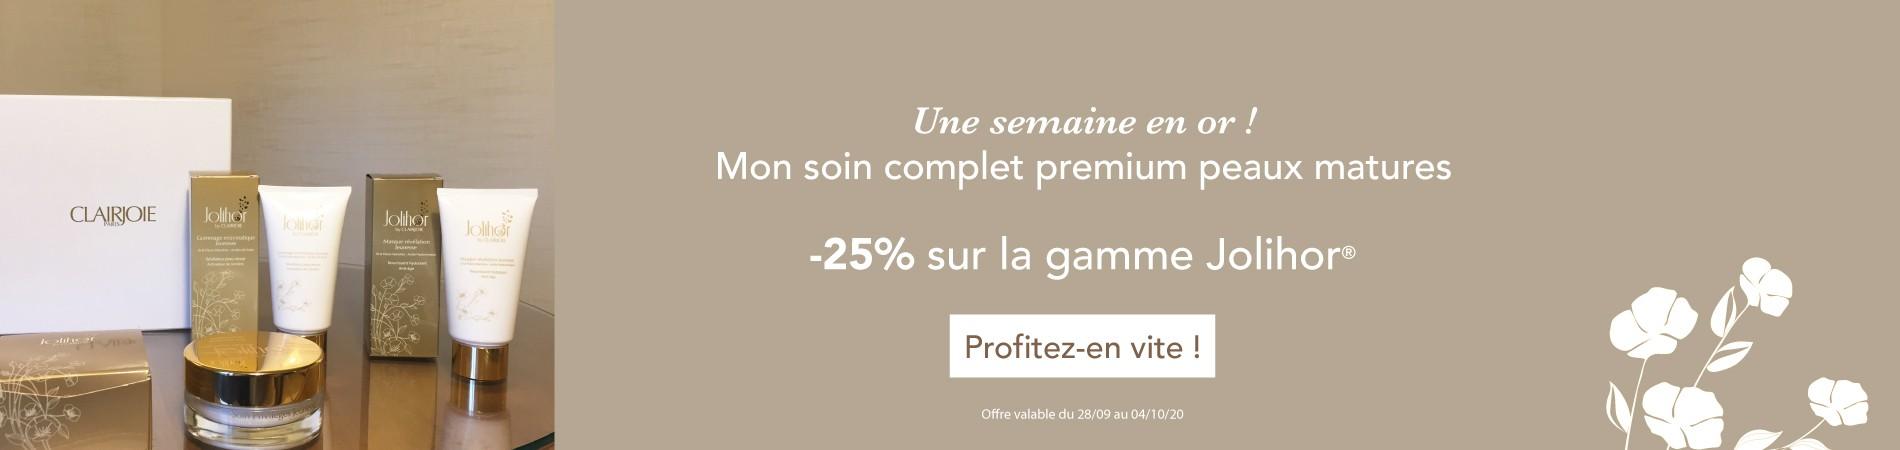 -25% de réduction sur la gamme Jolihor